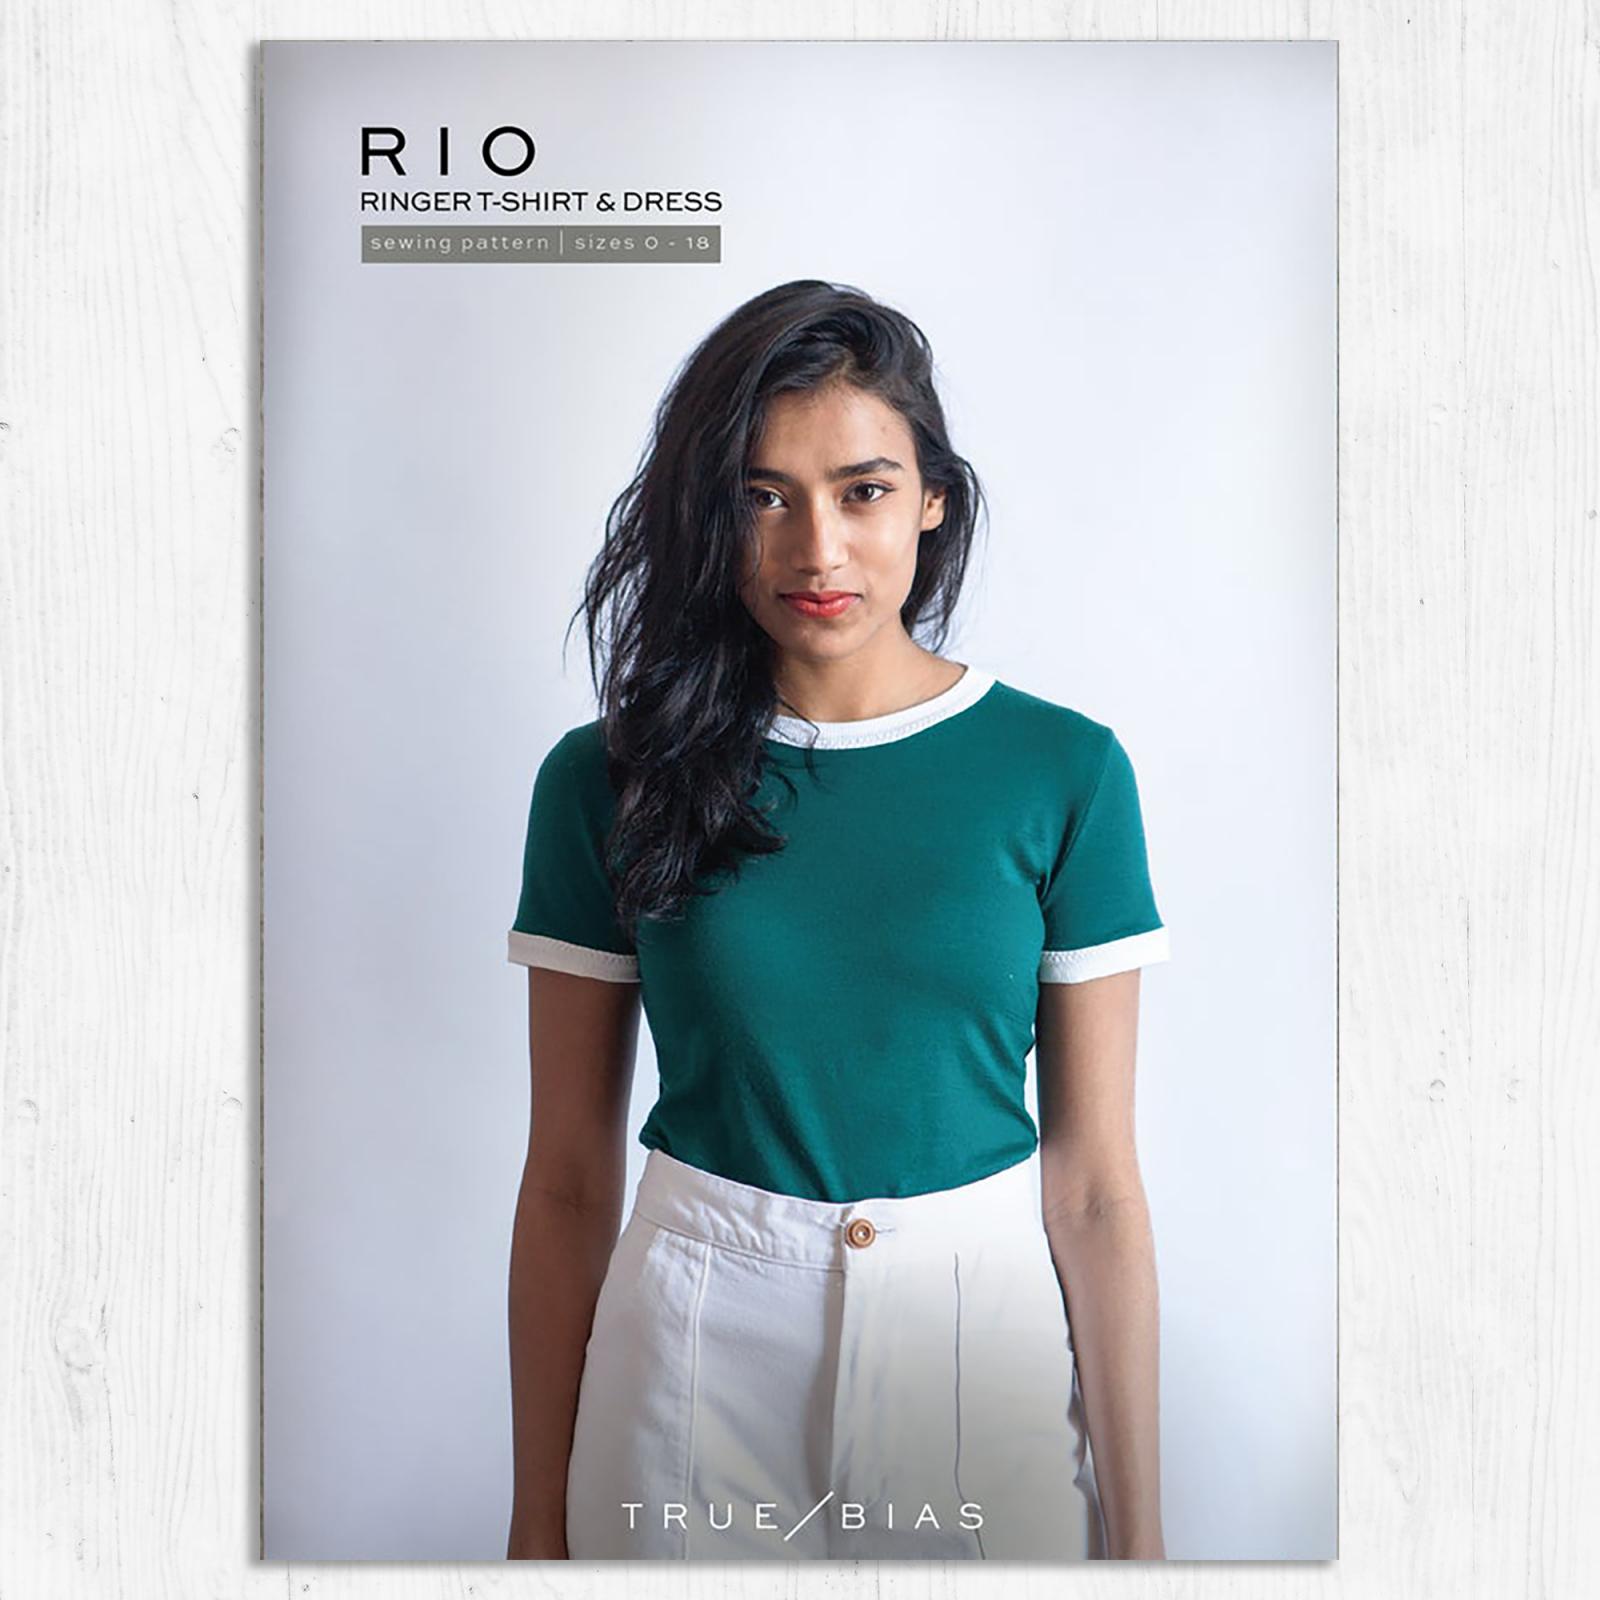 True Bias - Rio T-shirt and Dress